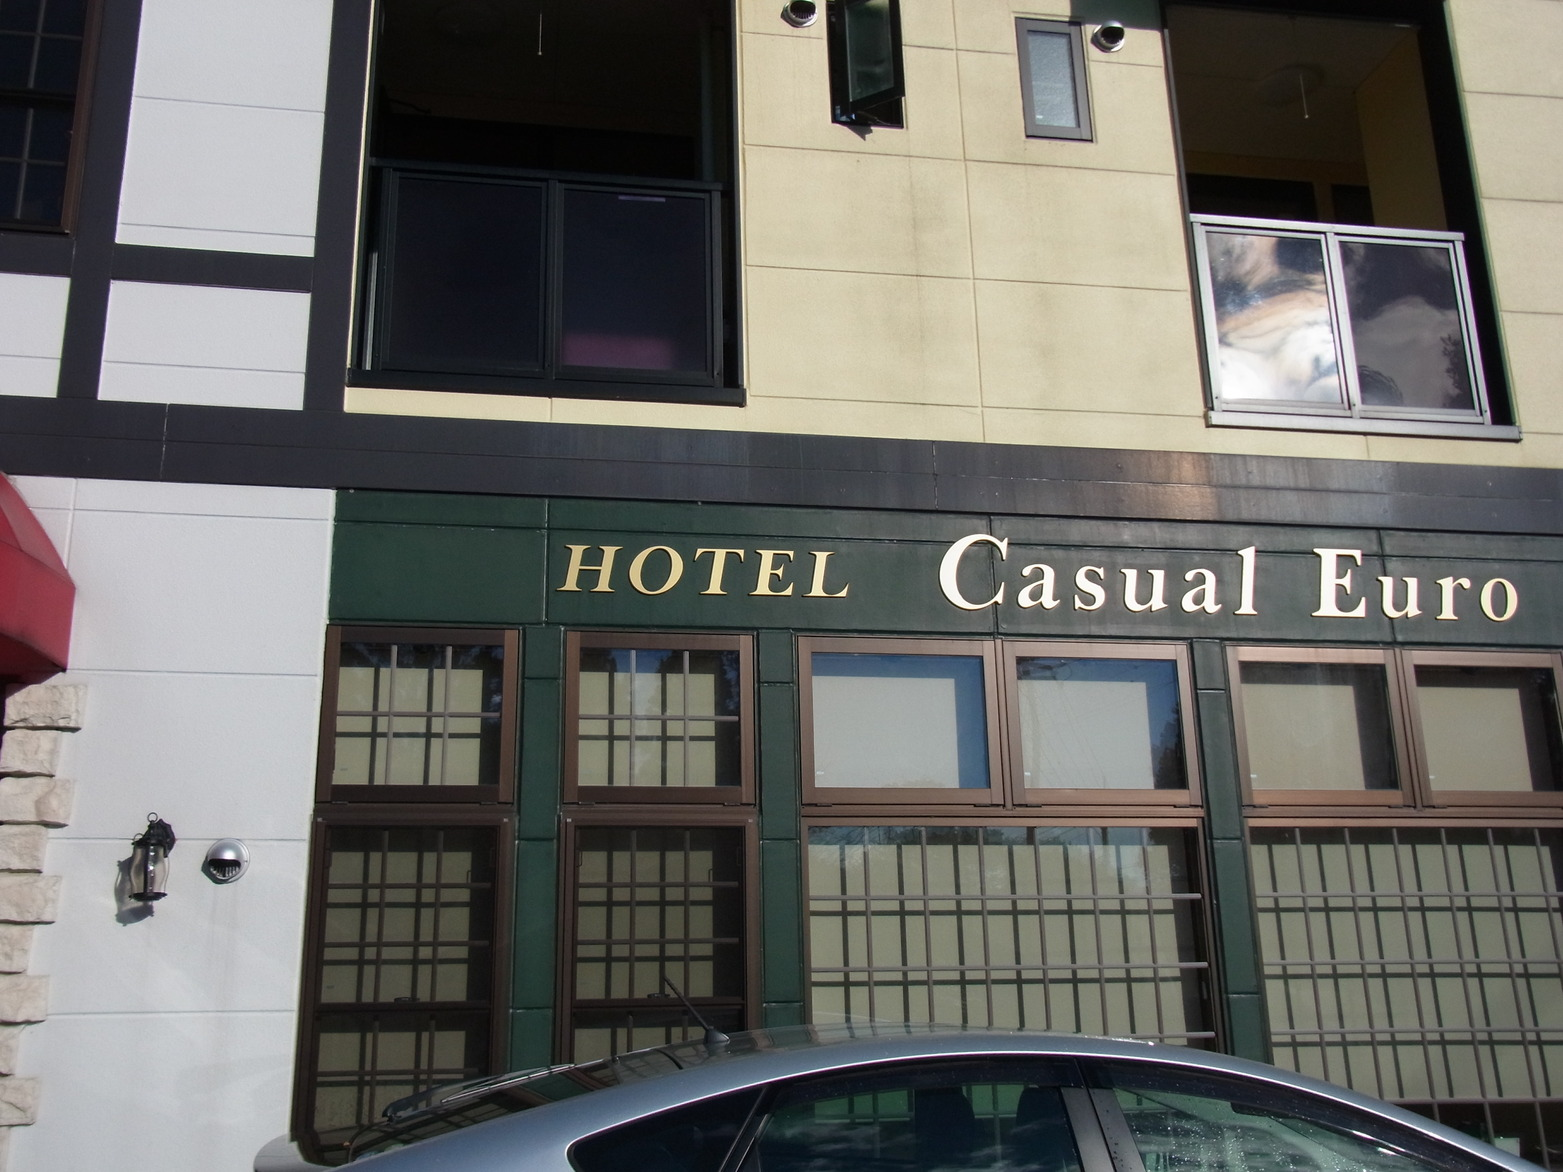 ホテルカジュアルユーロ バイキングレストラン name=